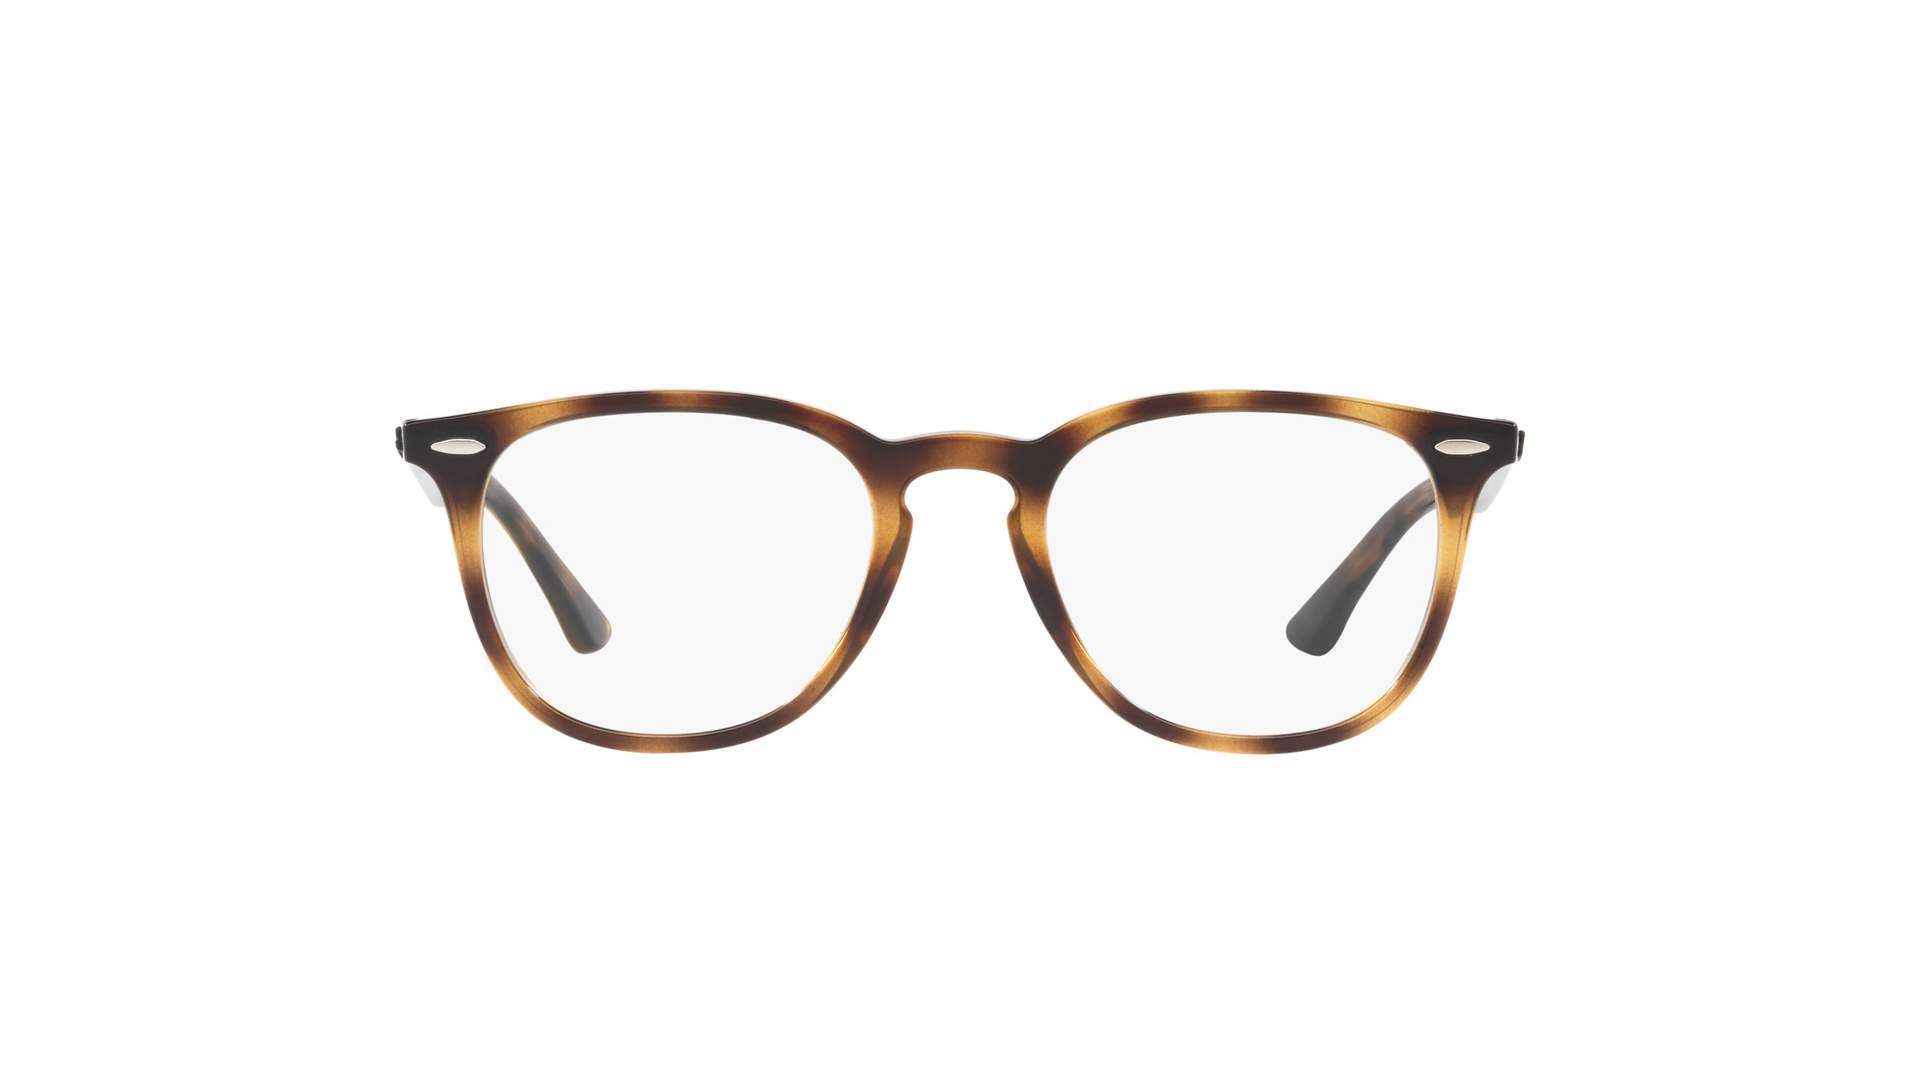 147a8a101a Eyeglasses Ray-Ban RX7159 RB7159 2012 50-20 Tortoise Medium